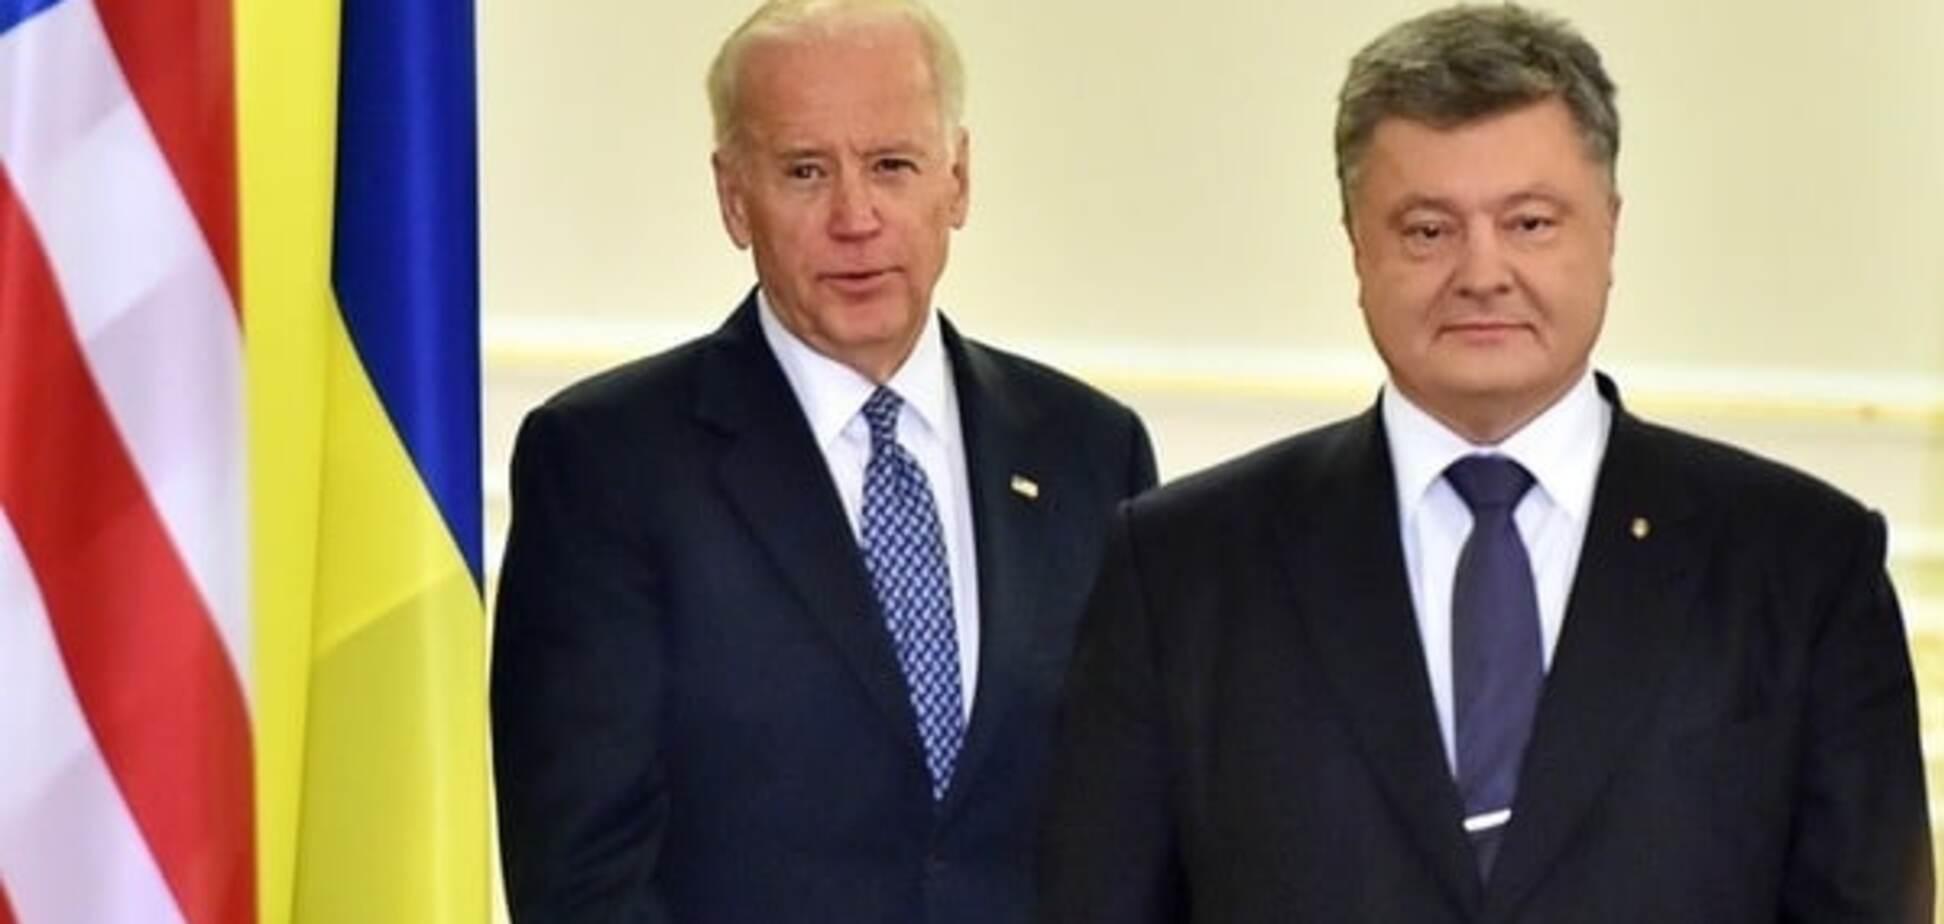 Кредитные гарантии для Украины: экономист объяснил, что изменит решение США